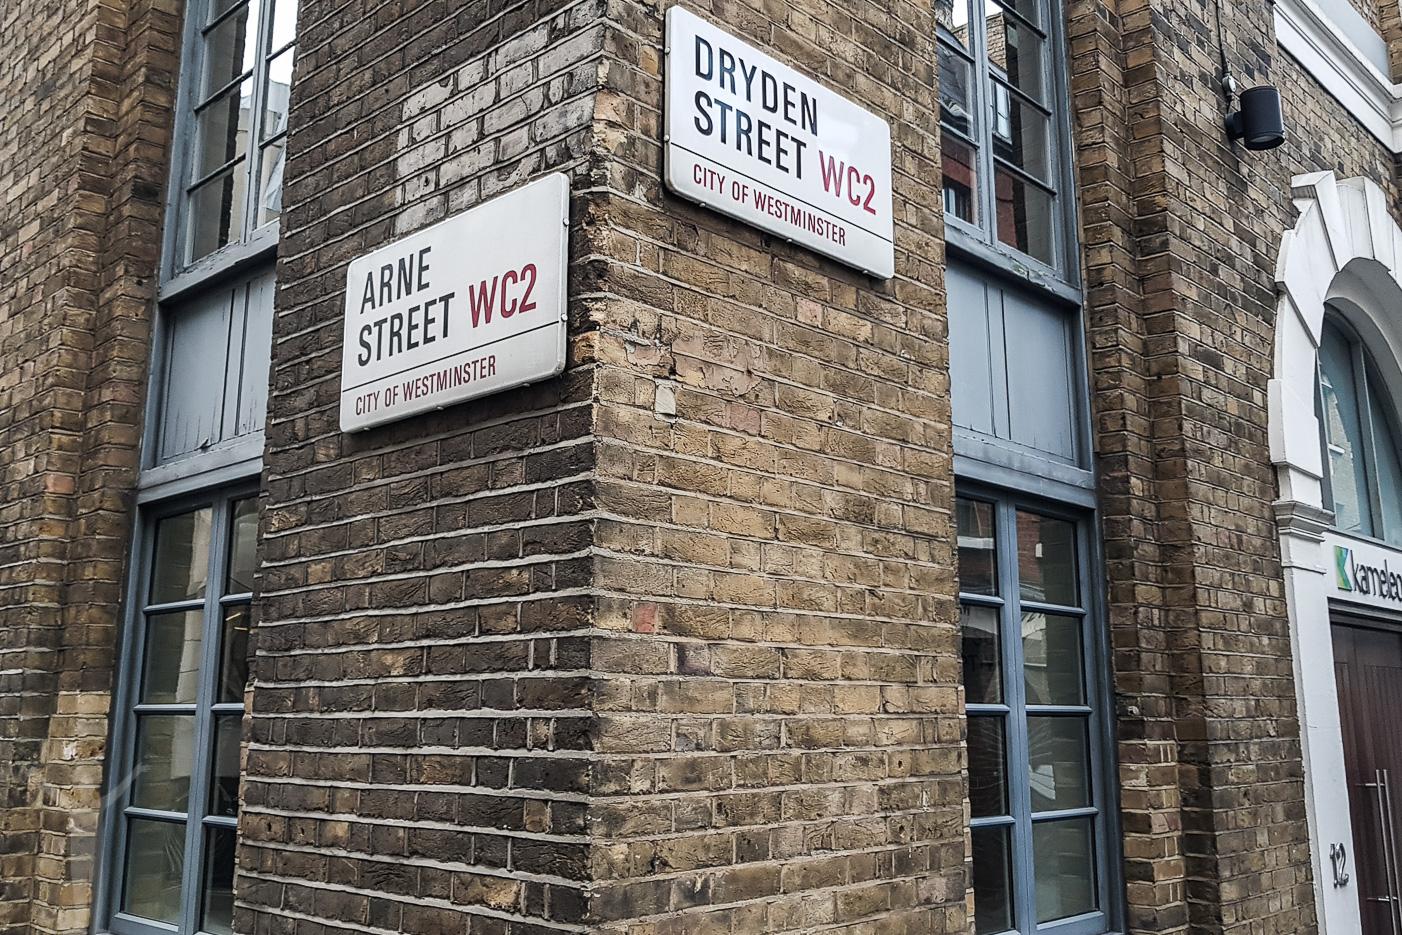 Dryden Street och Arne Street